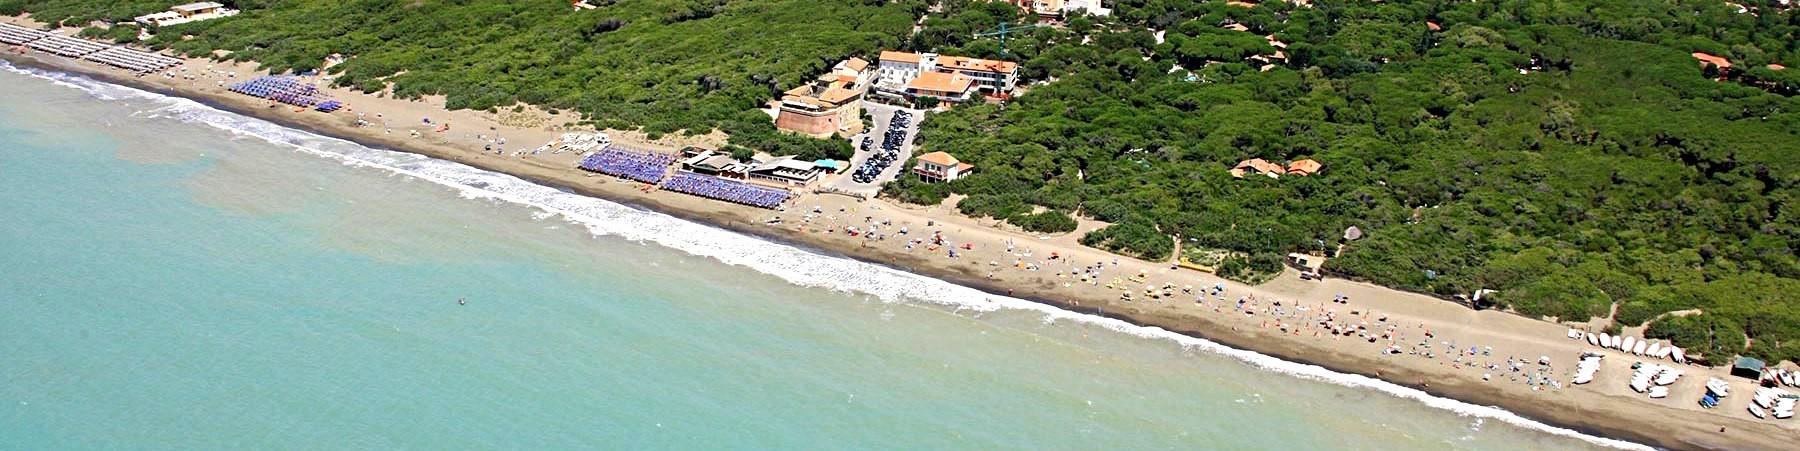 Marina di Bibbona, pláž u bývalé pevnosti Forte di Marina (uprostřed)